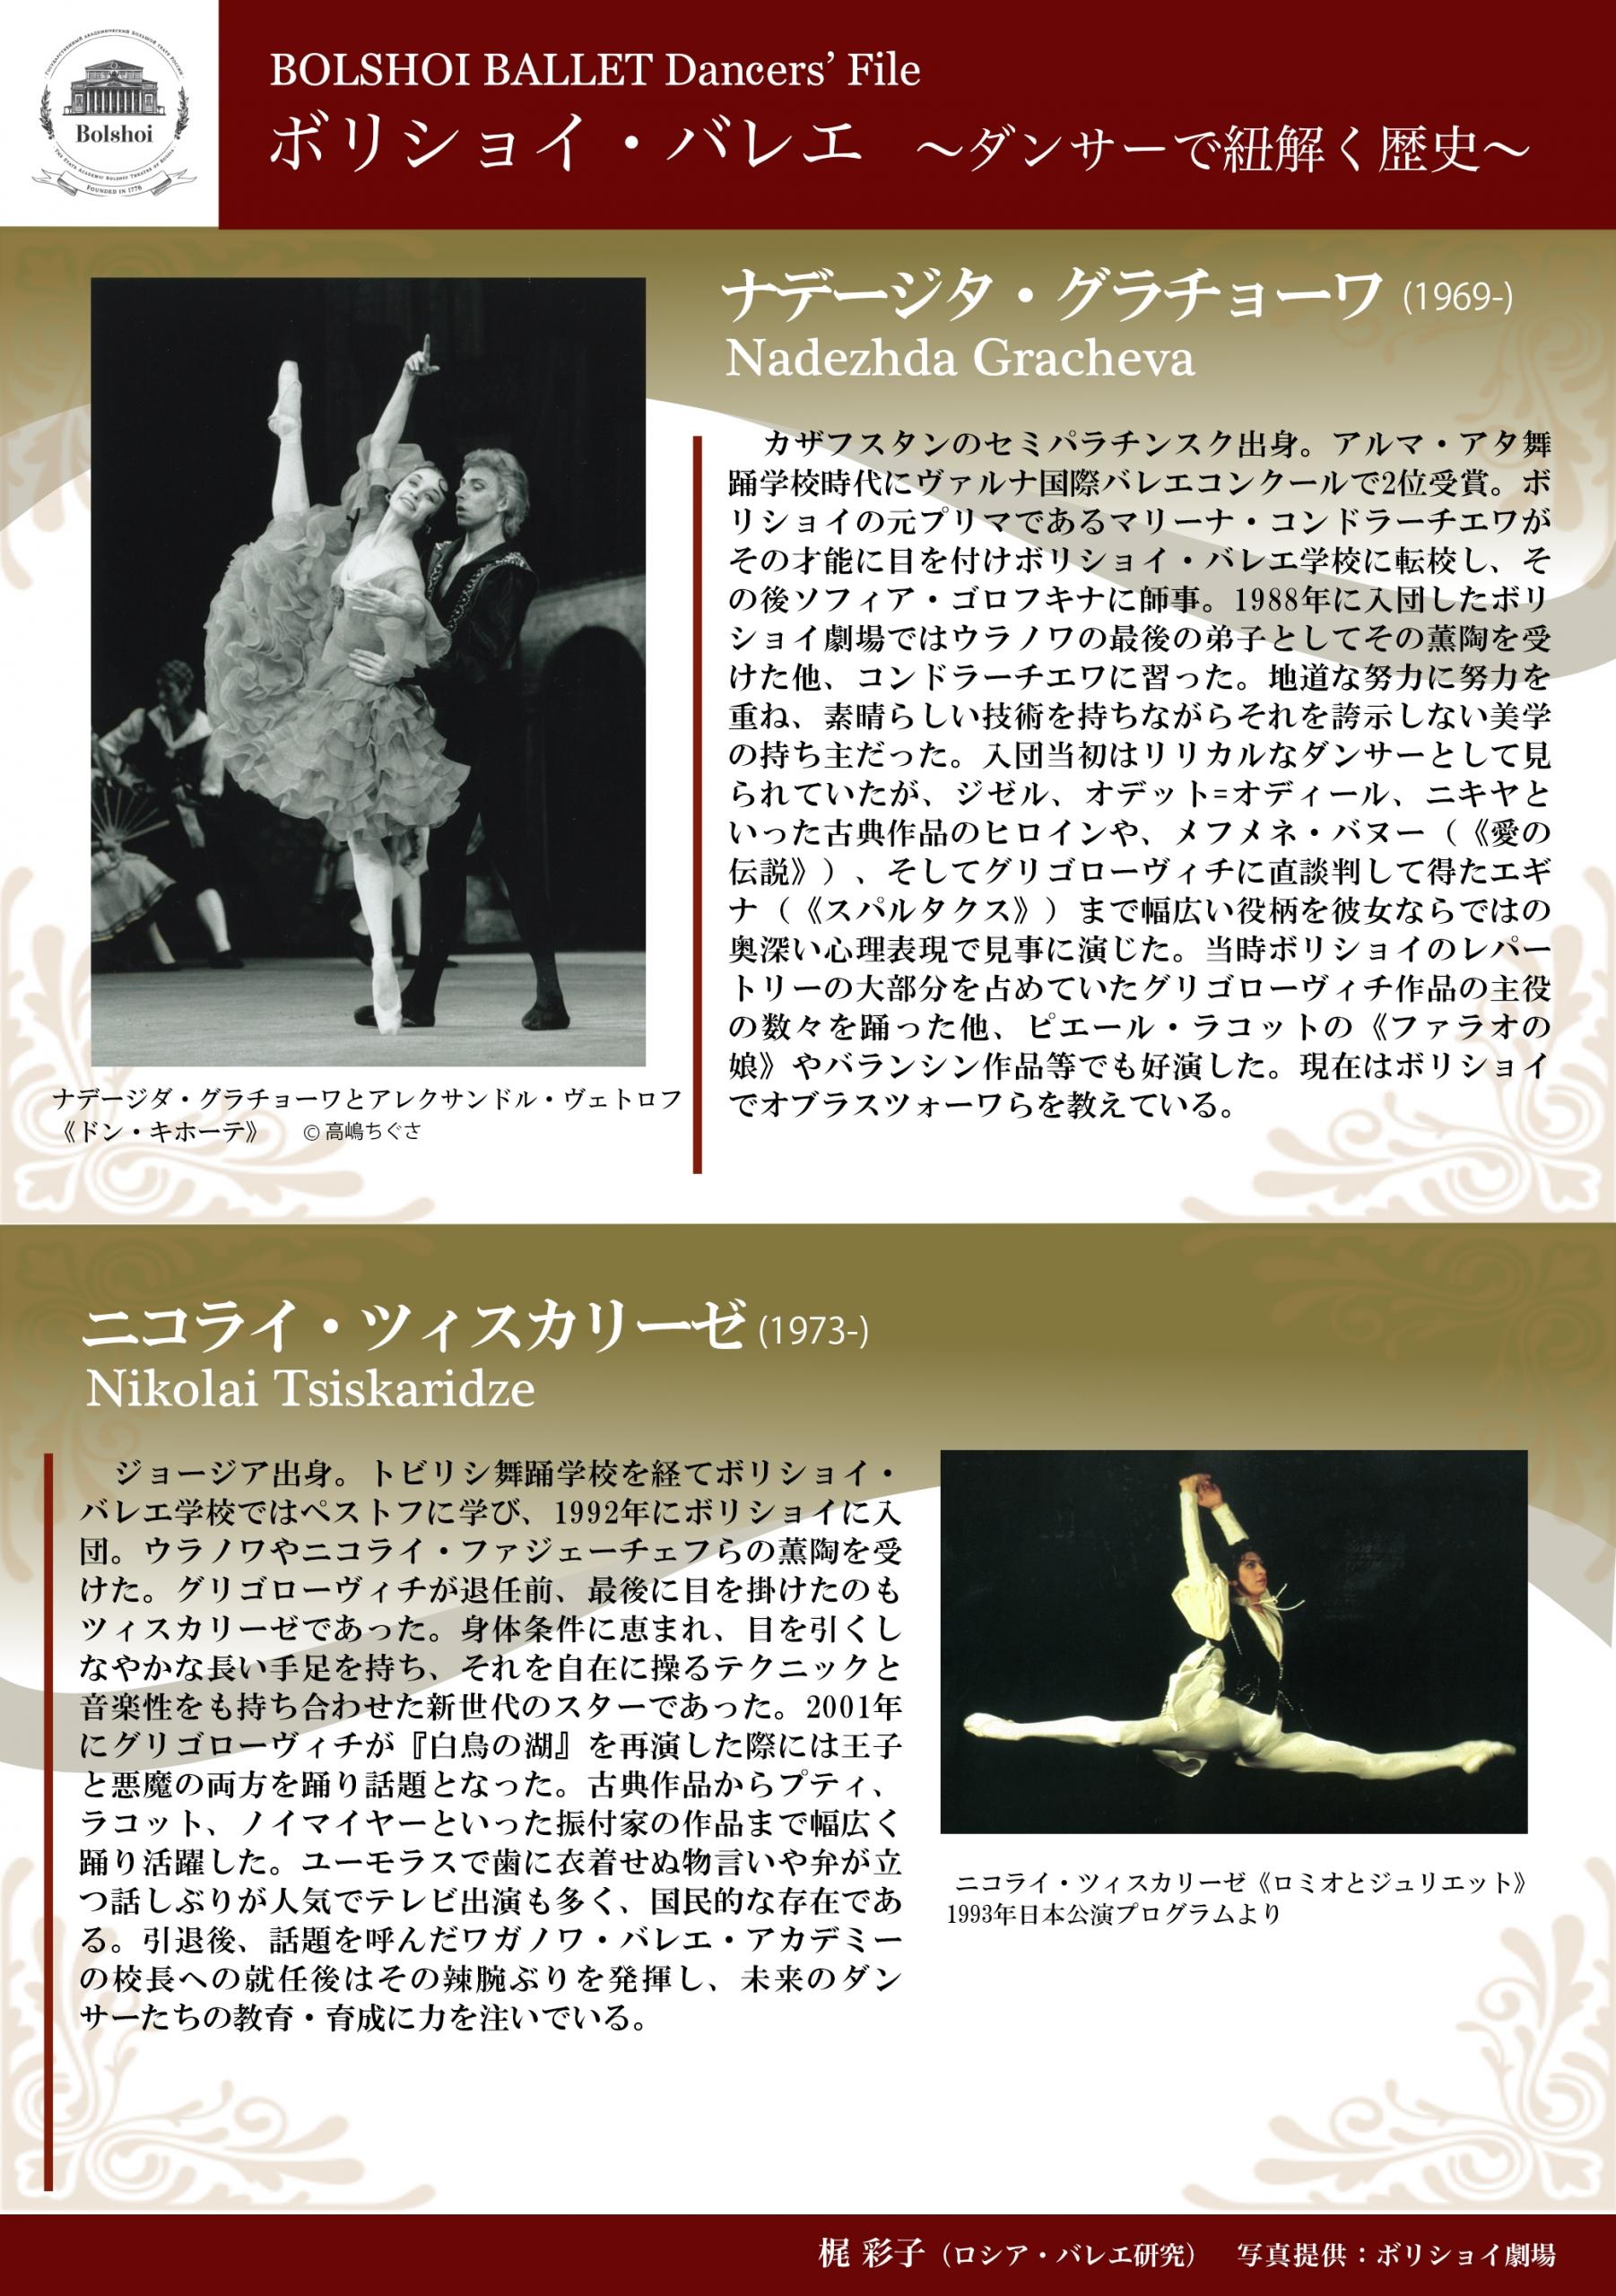 ボリショイ・バレエ 〜ダンサーで紐解く歴史〜vol.6